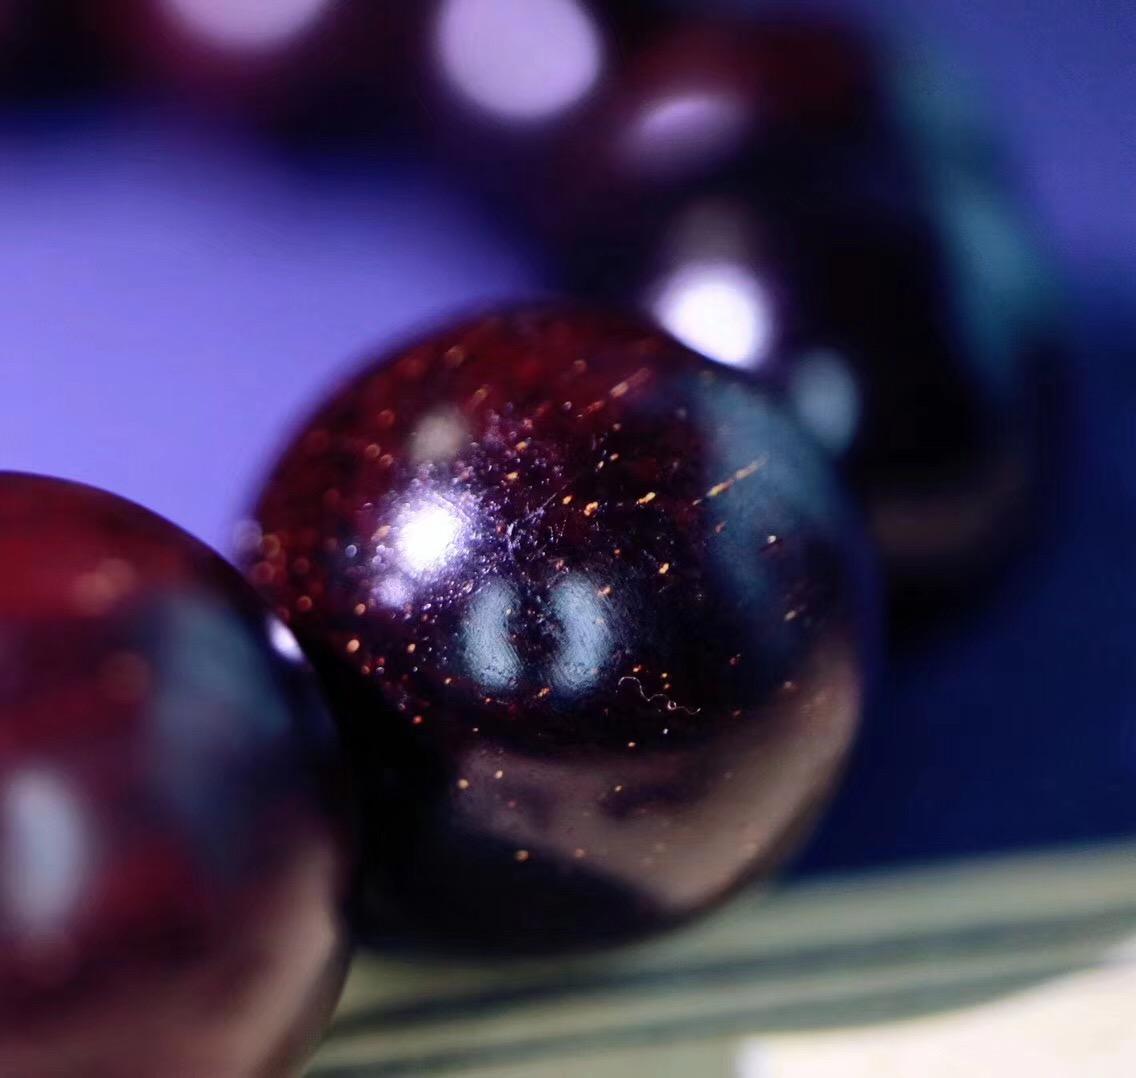 【菩心老料小叶紫檀】一串老料金星小叶紫檀,闲暇之余把玩一番-菩心晶舍